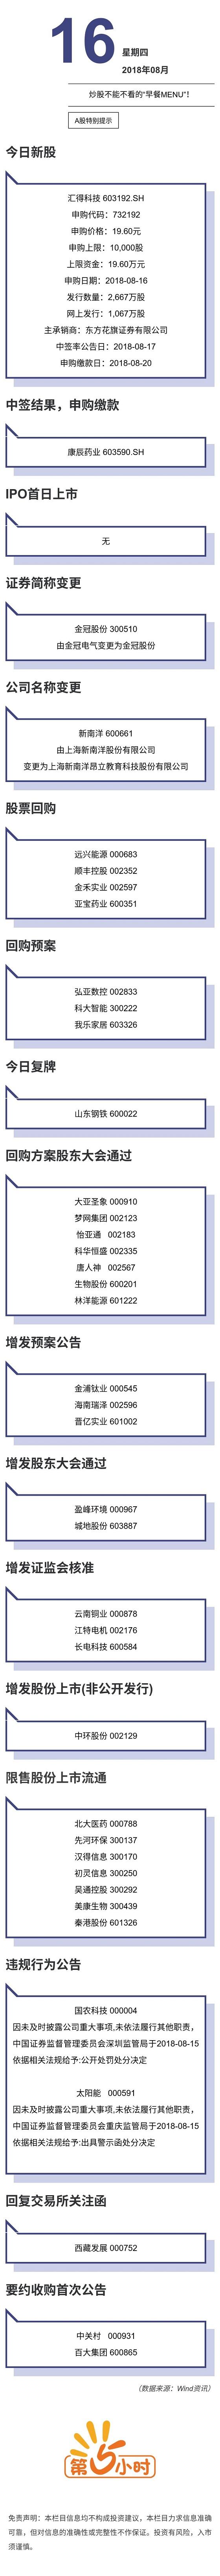 A股特别提示(2018-08-16).jpg